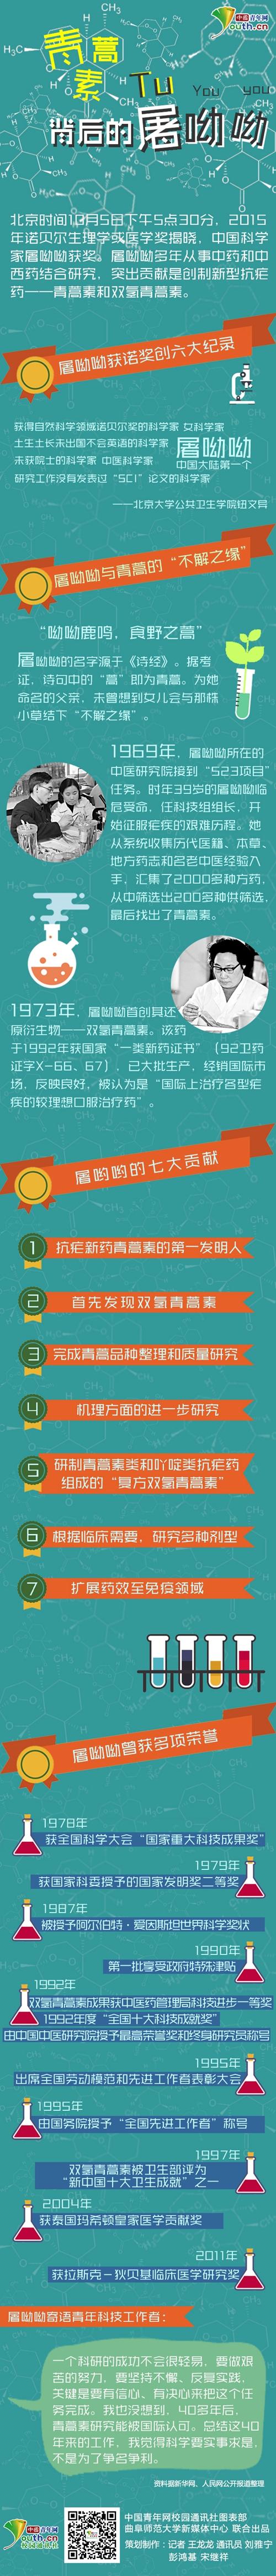 青蒿素背后的屠呦呦 校通社logo